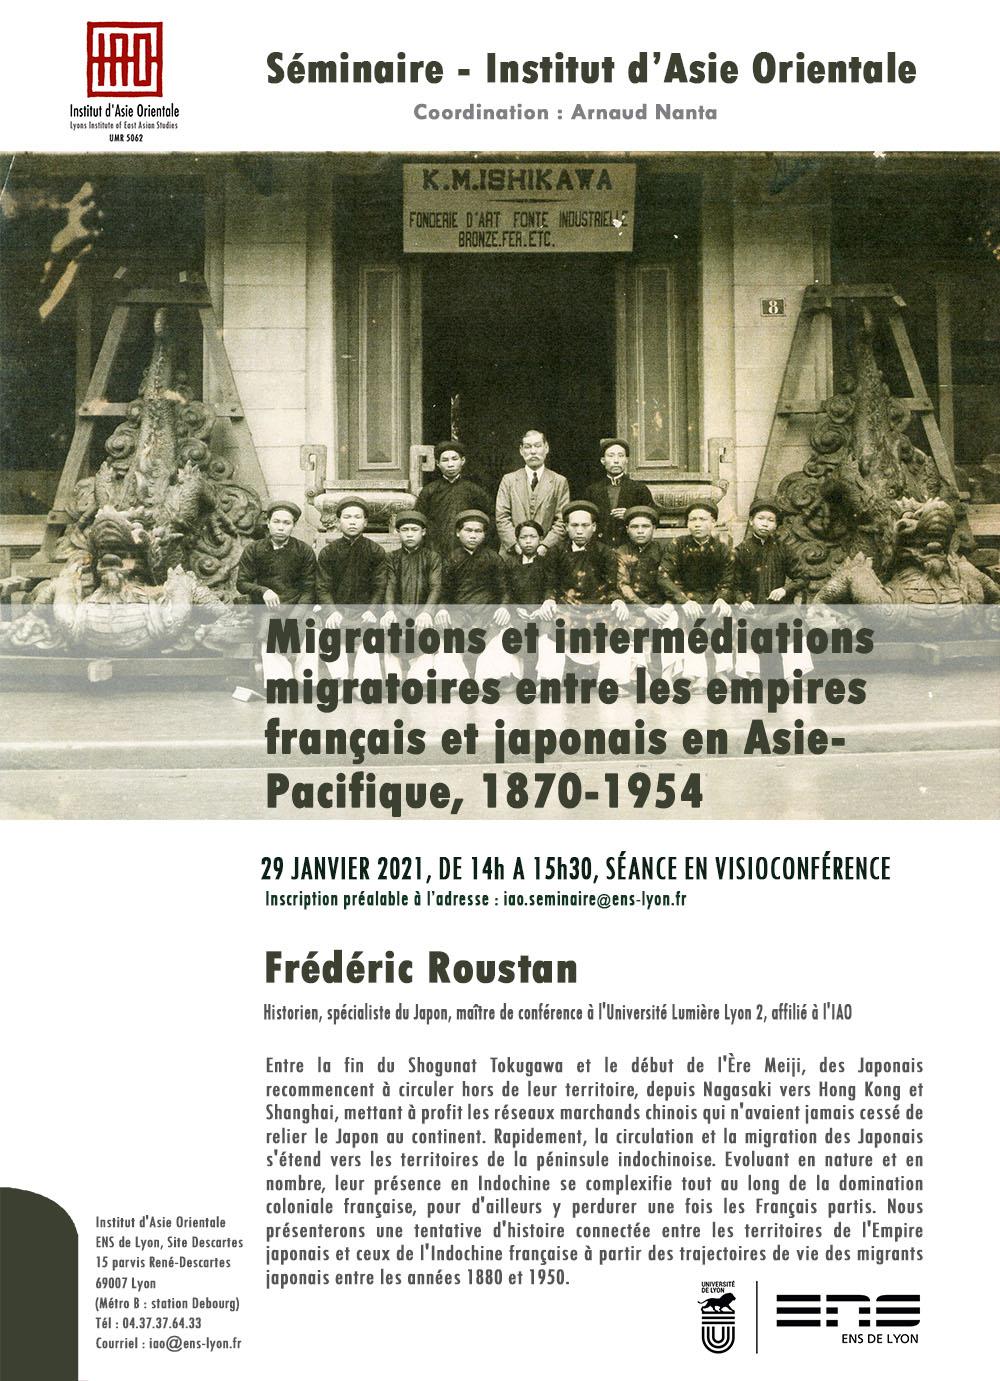 Séminaire de l'IAO Frédéric Roustan